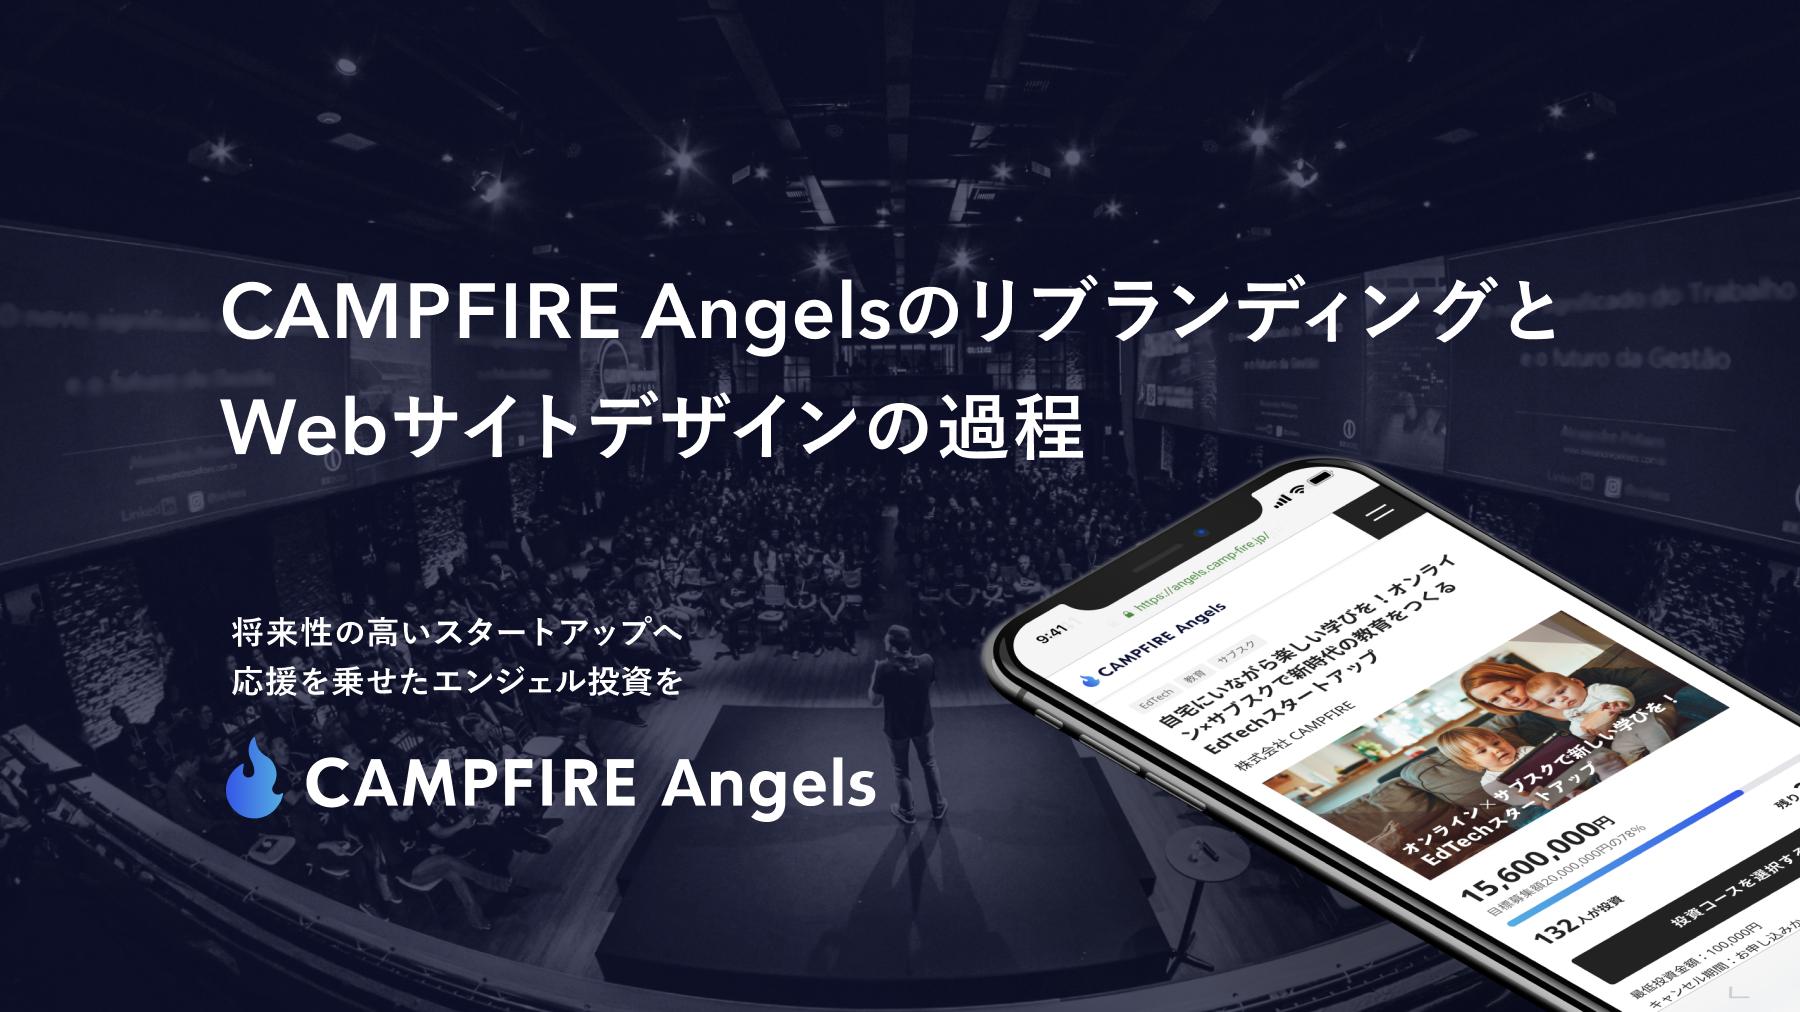 CAMPFIRE AngelsのリブランディングとWebサイトデザインの過程のサムネイル画像